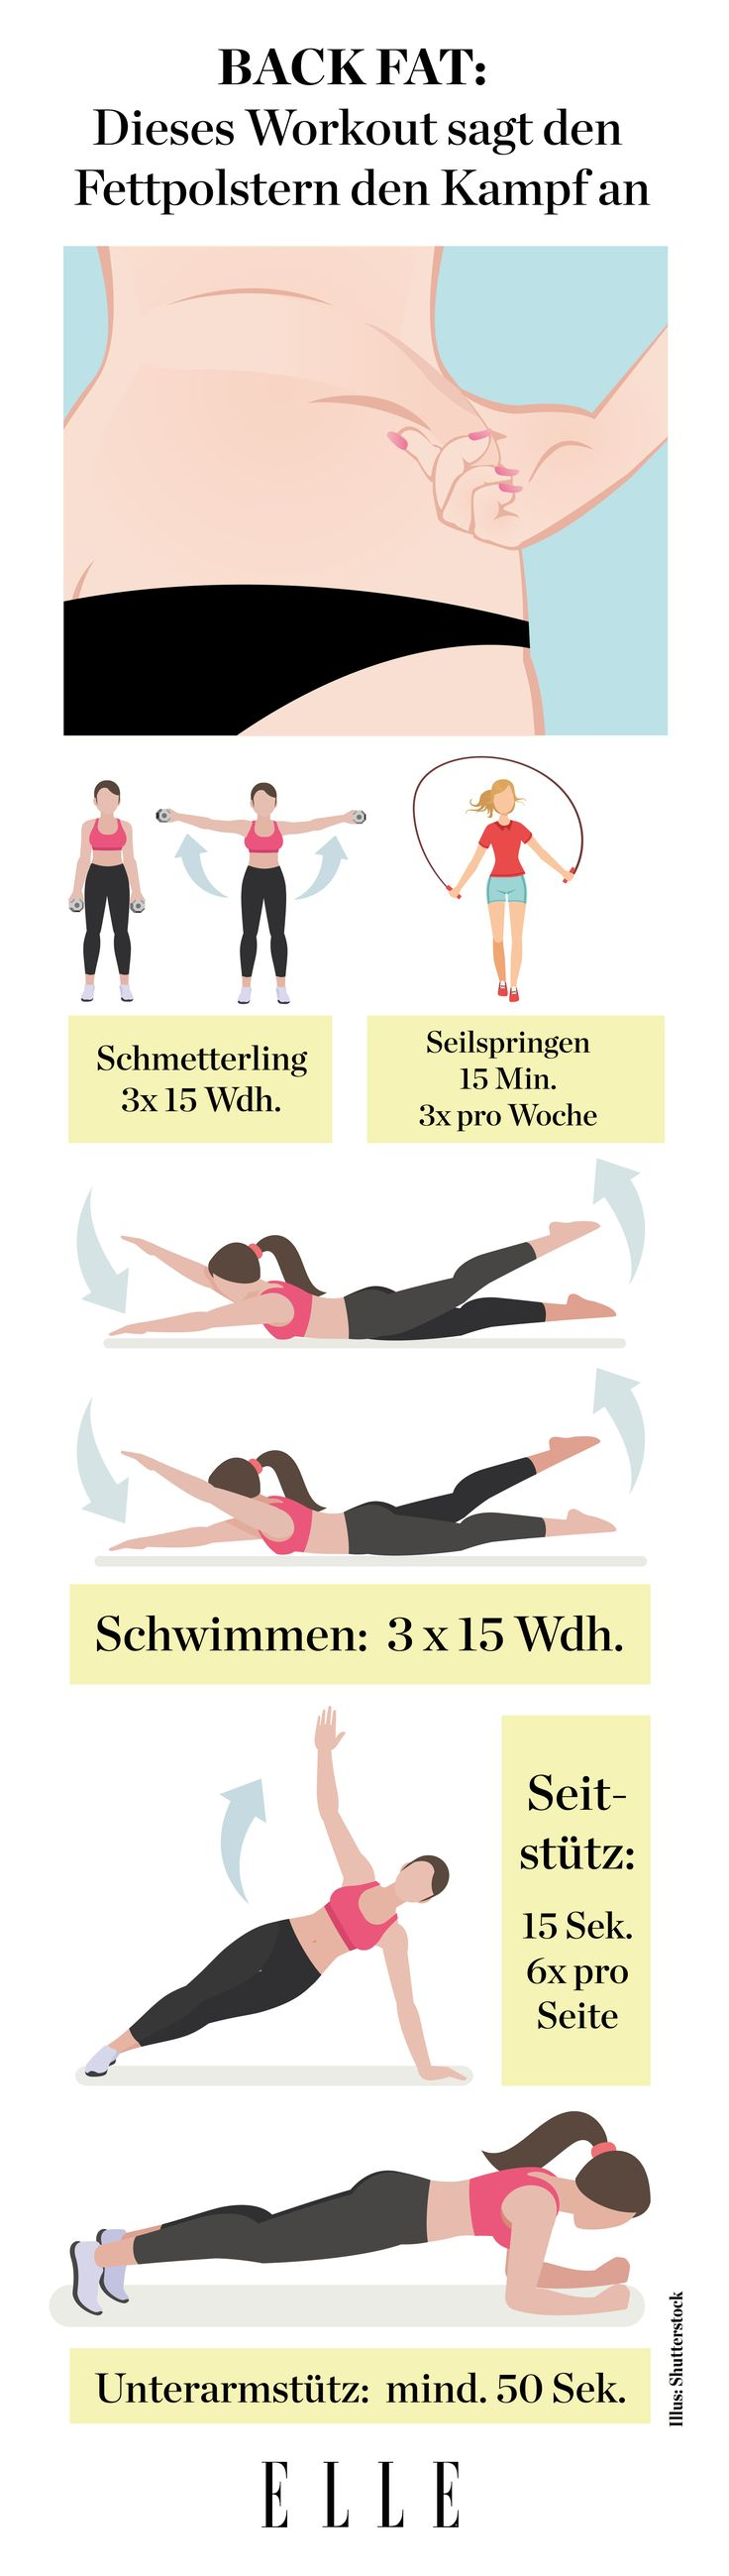 Übungen gegen Rückenfett: Dieses Workout sagt den Fettpolstern den Kampf an – Fitness Tipps